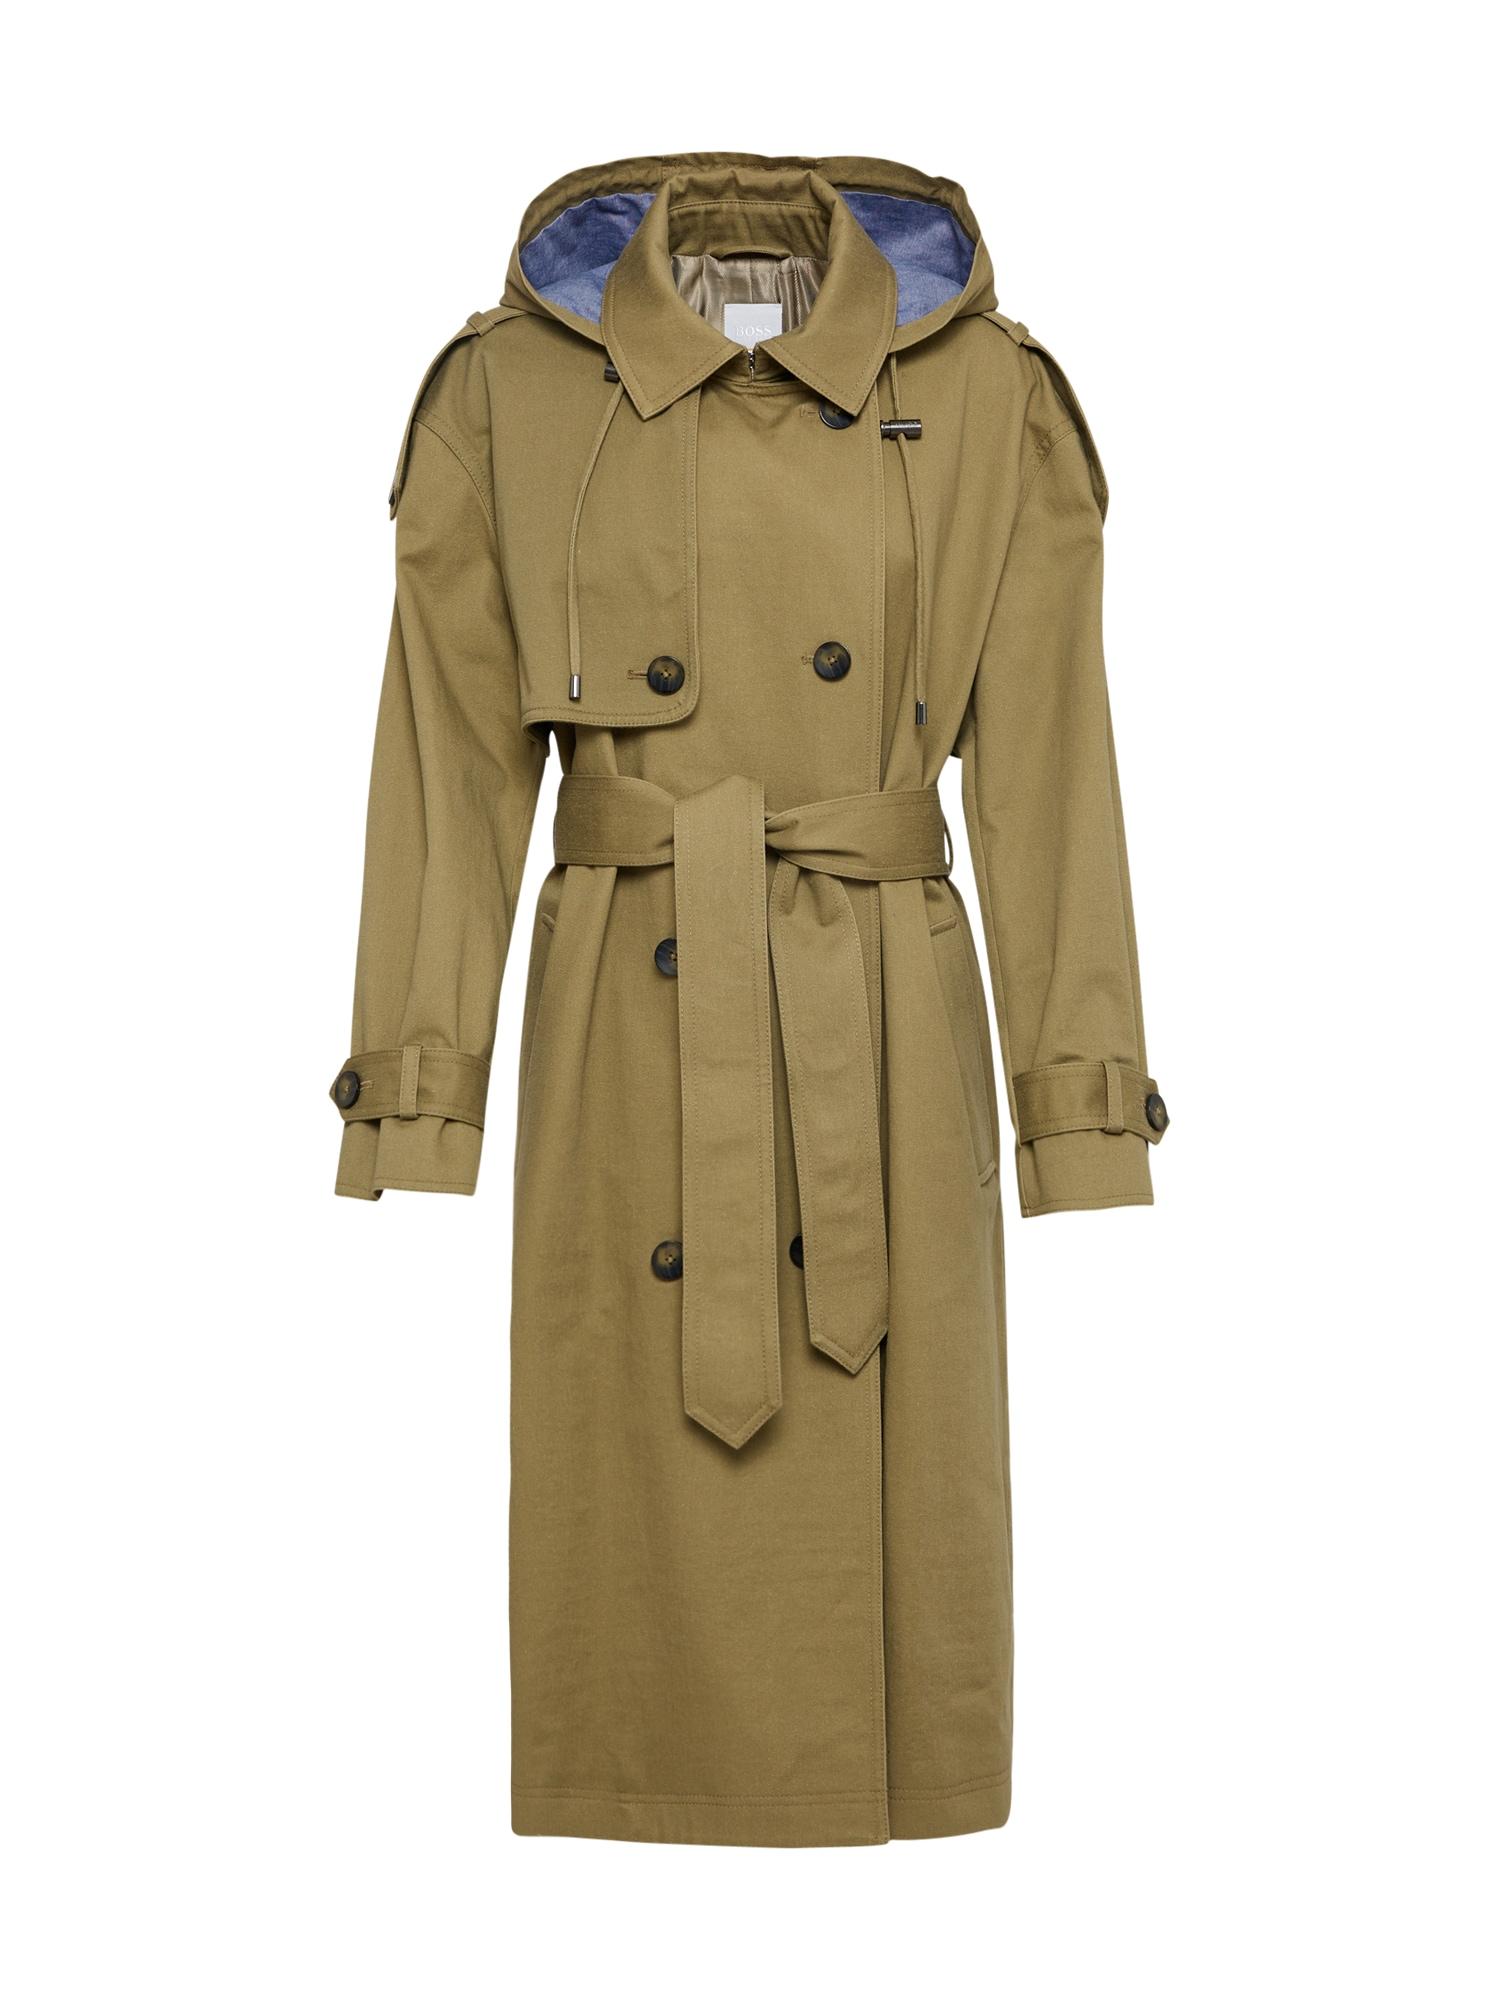 Přechodný kabát Omazing khaki BOSS